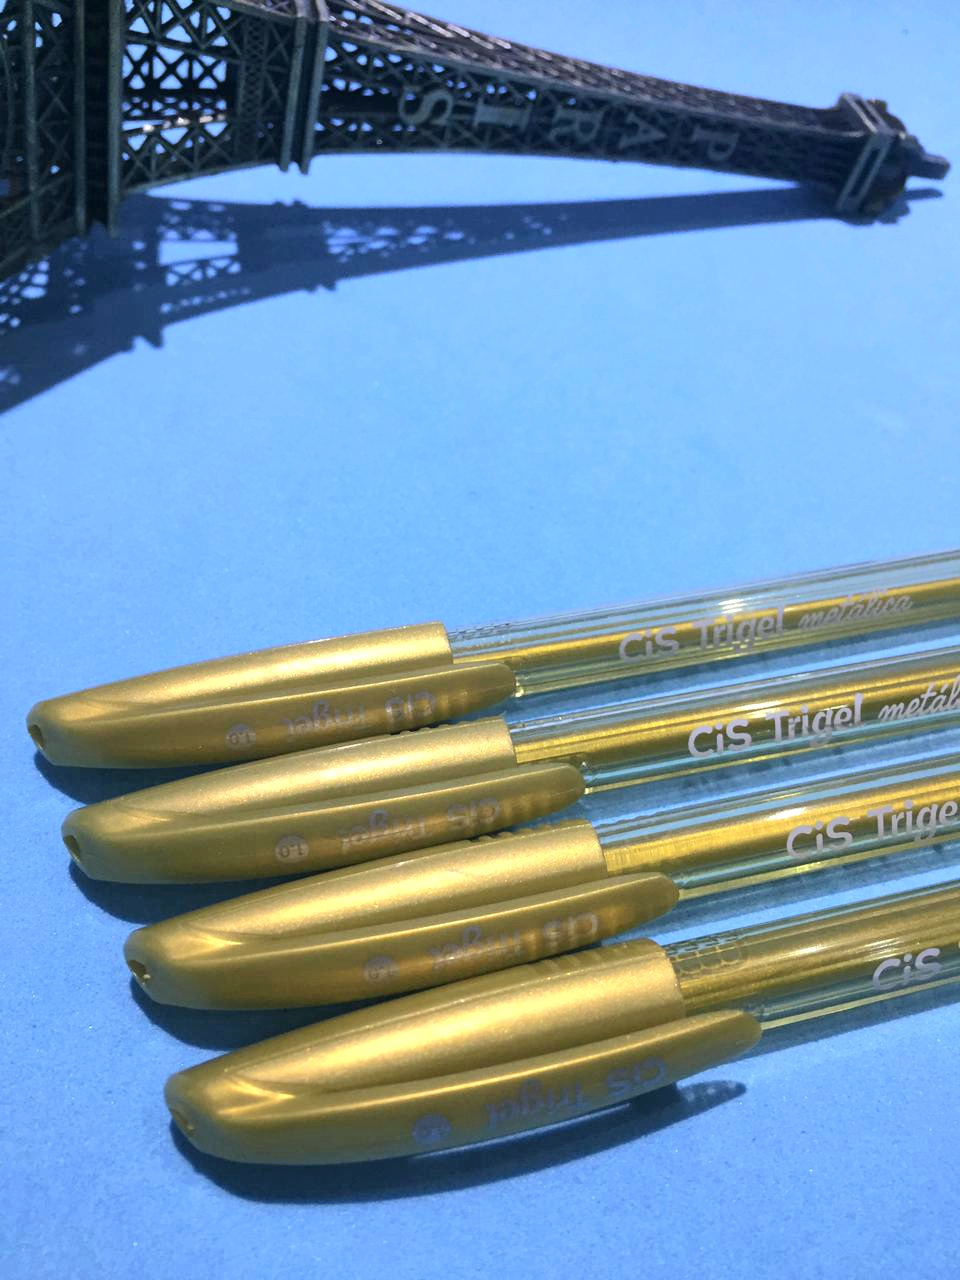 Caneta Gel- Cis Trigel Metálica Dourada